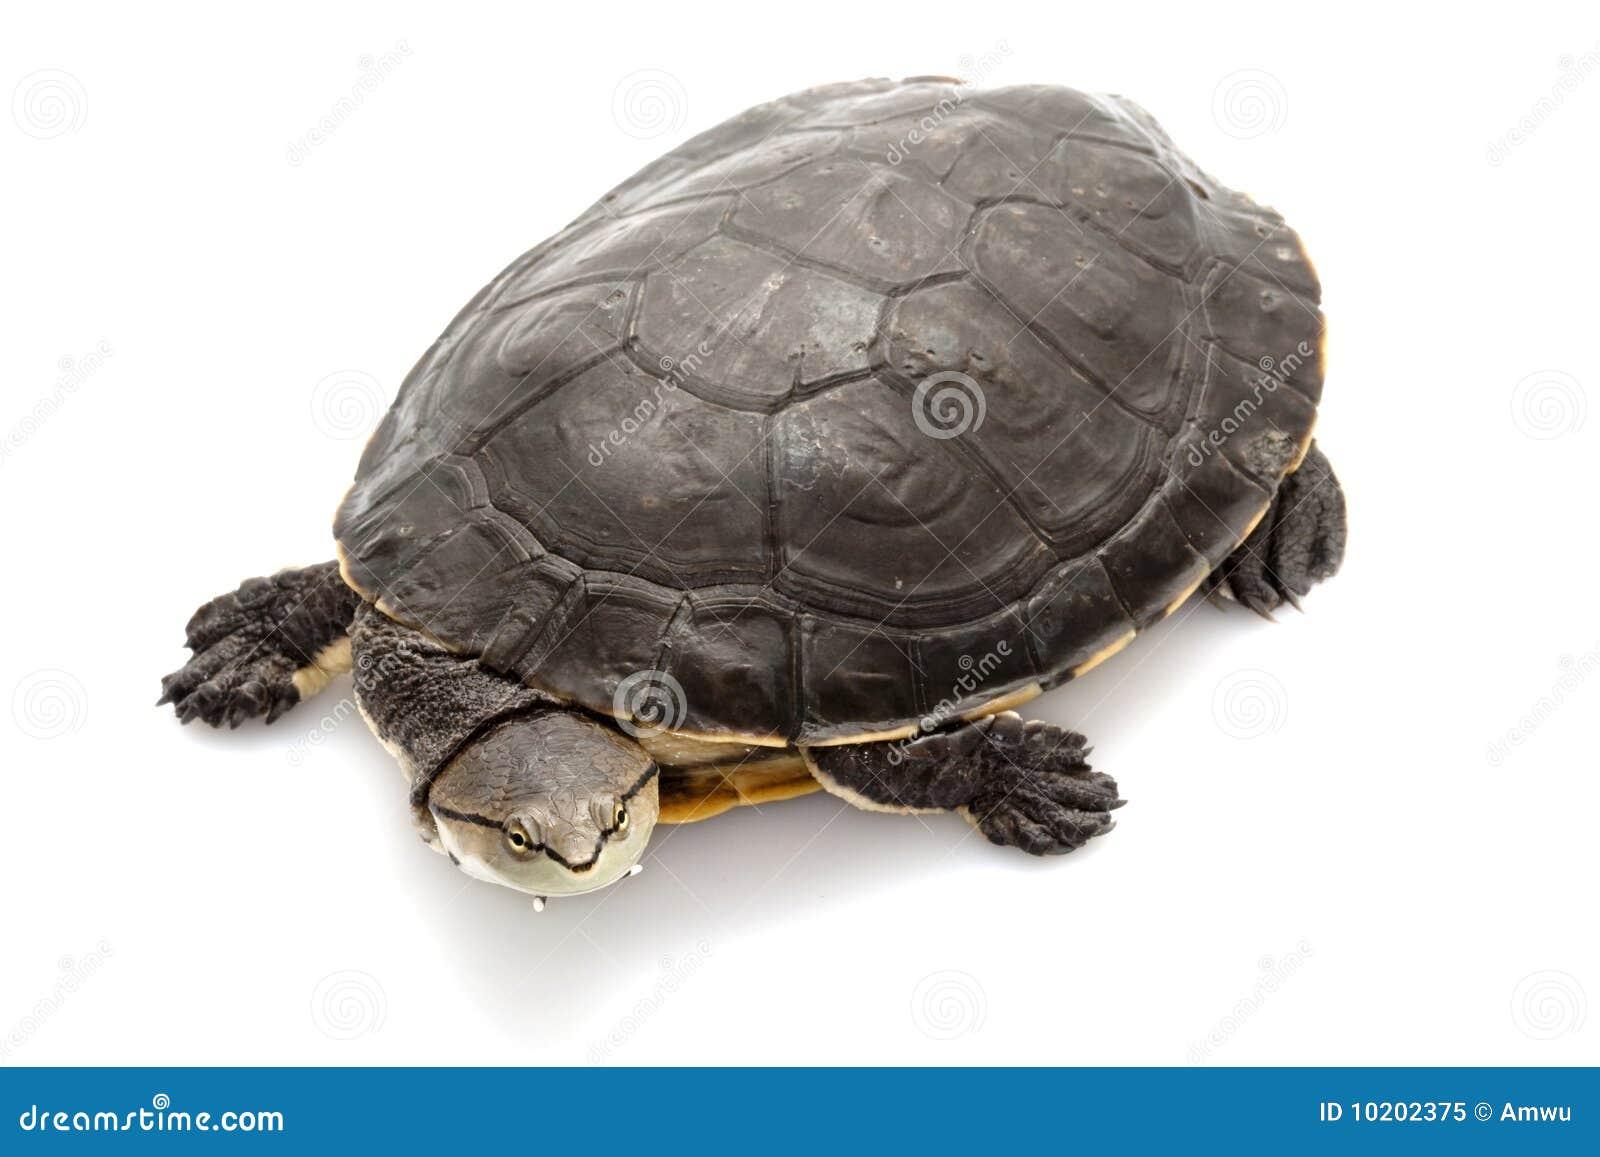 Argentine sidenecksköldpadda